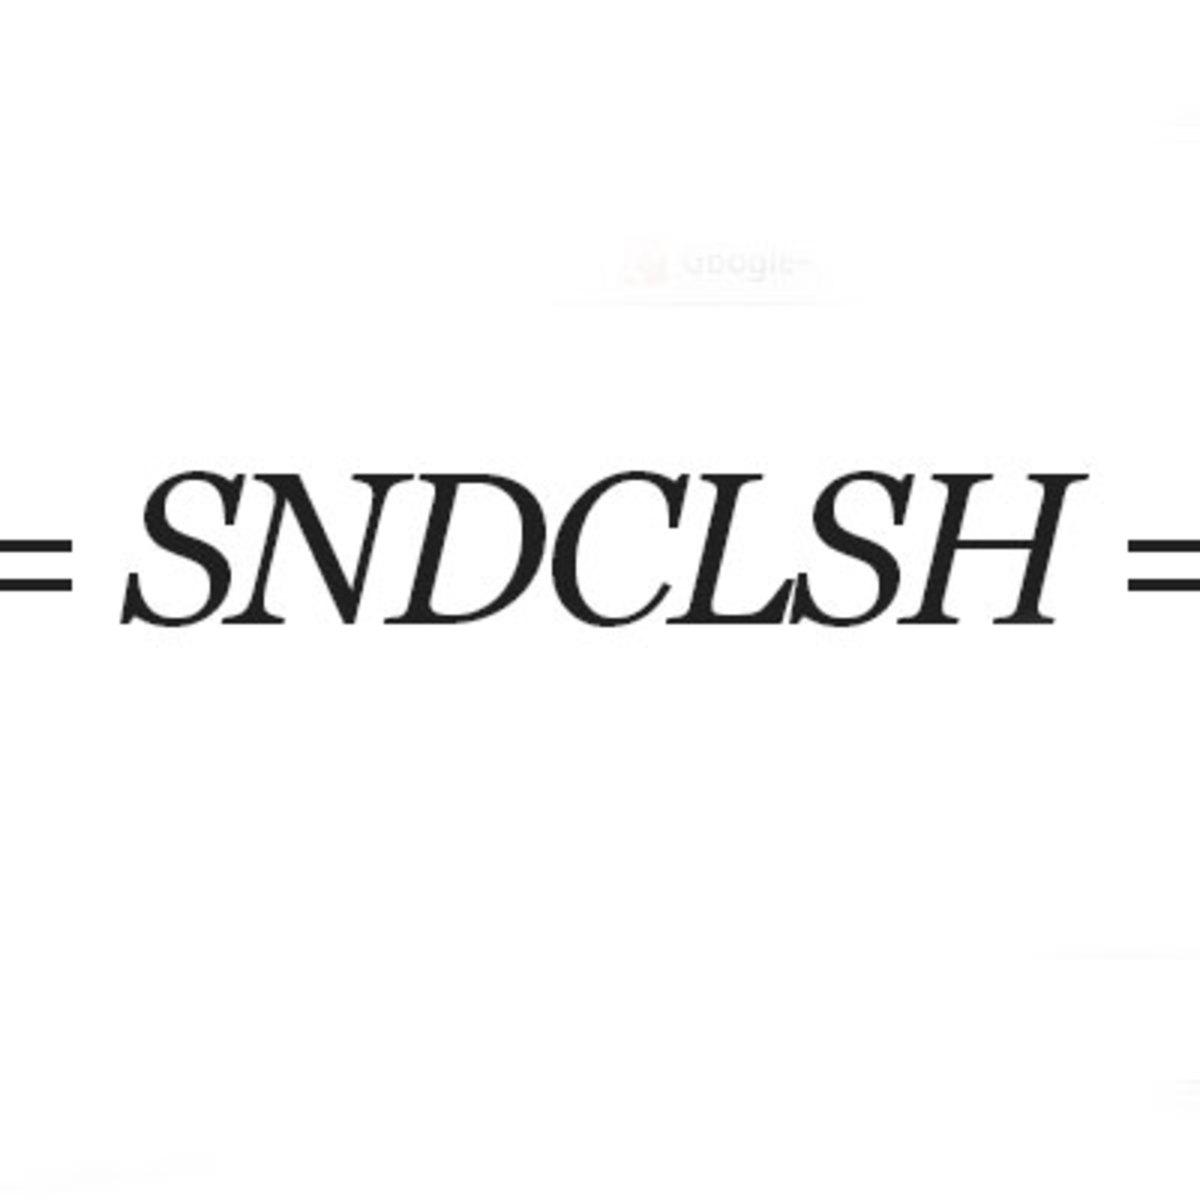 sndclsh.jpg